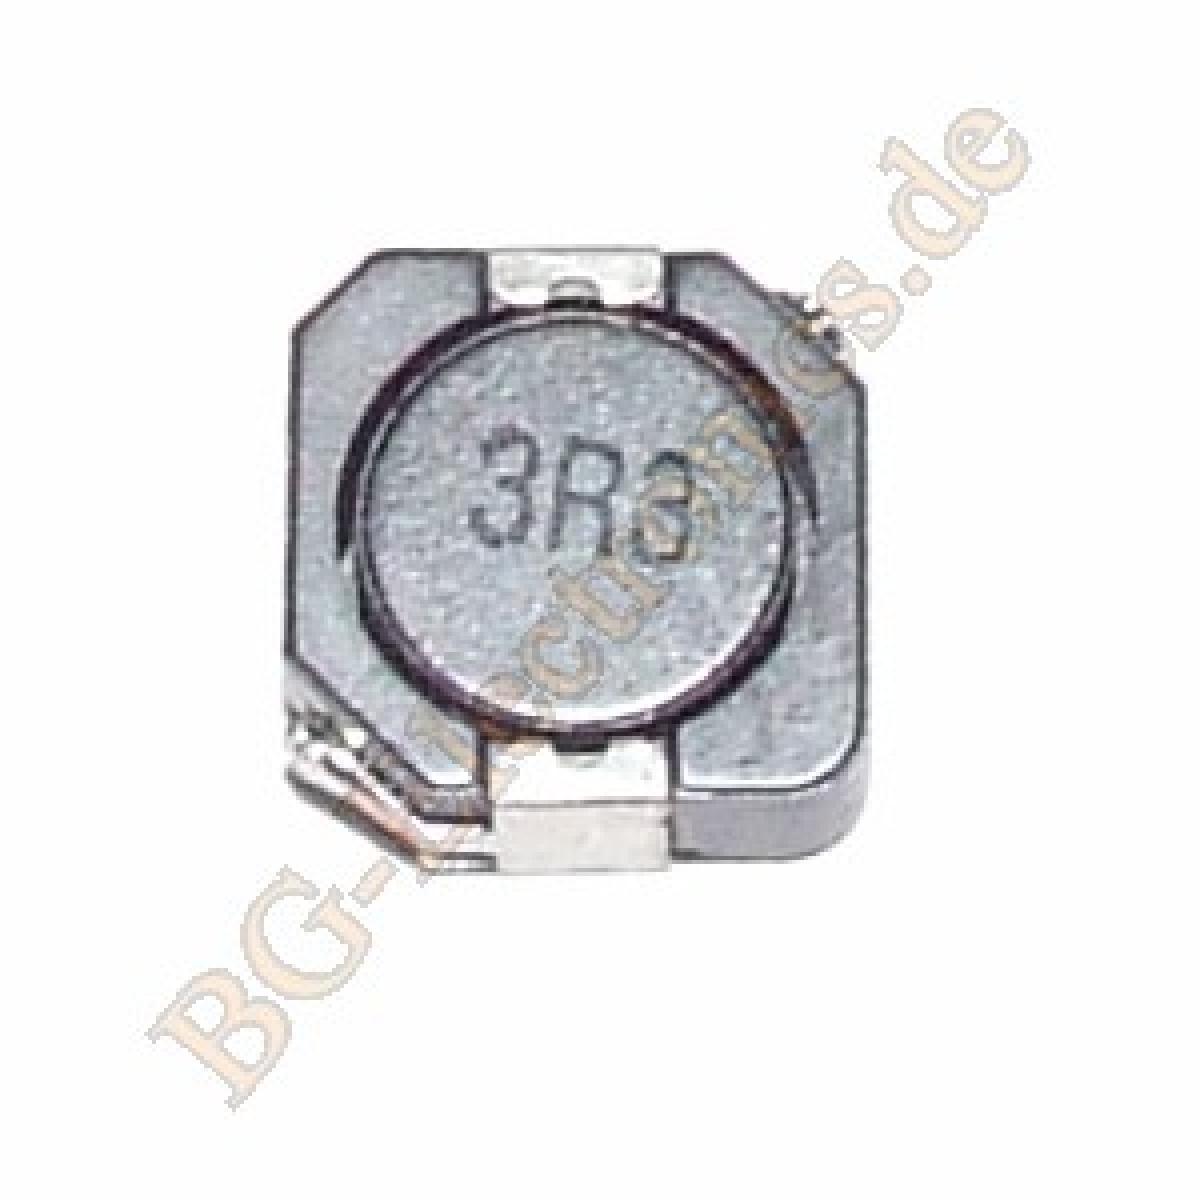 10-x-SMD-coil-choke-3-3-H-Keramik-Kondensator-Capacitor-cerami-Philips-10pcs